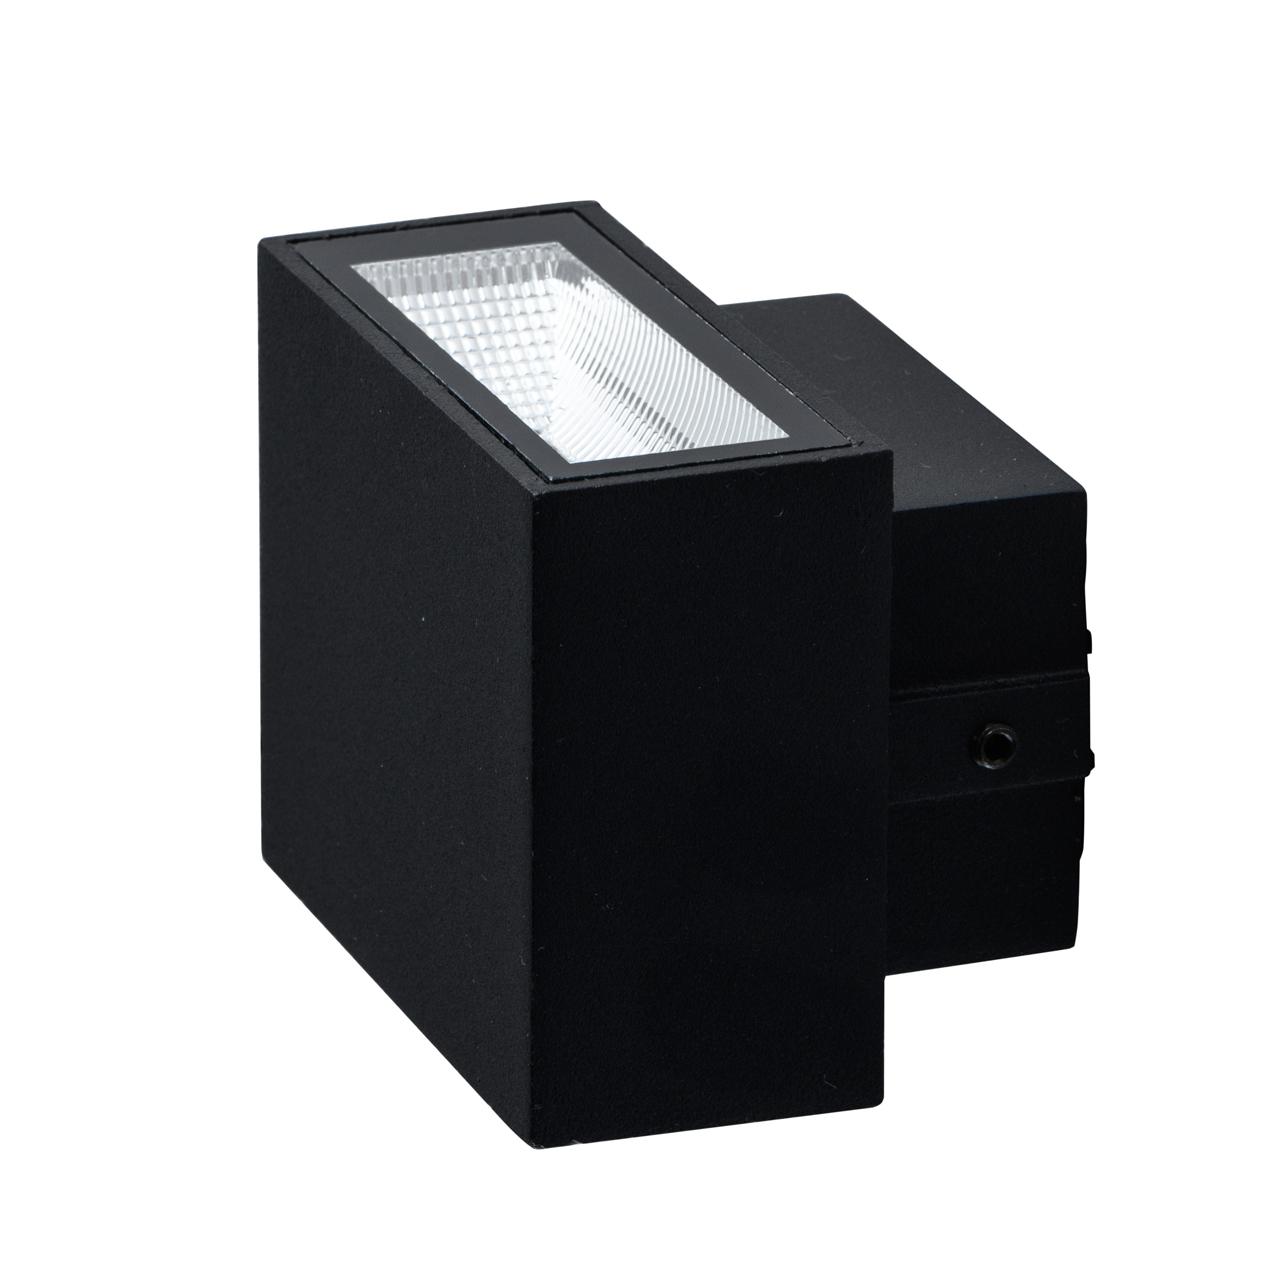 Светильник De markt 807022901 2/4w led ip44 светильник трек de markt 550011605 5 4w led